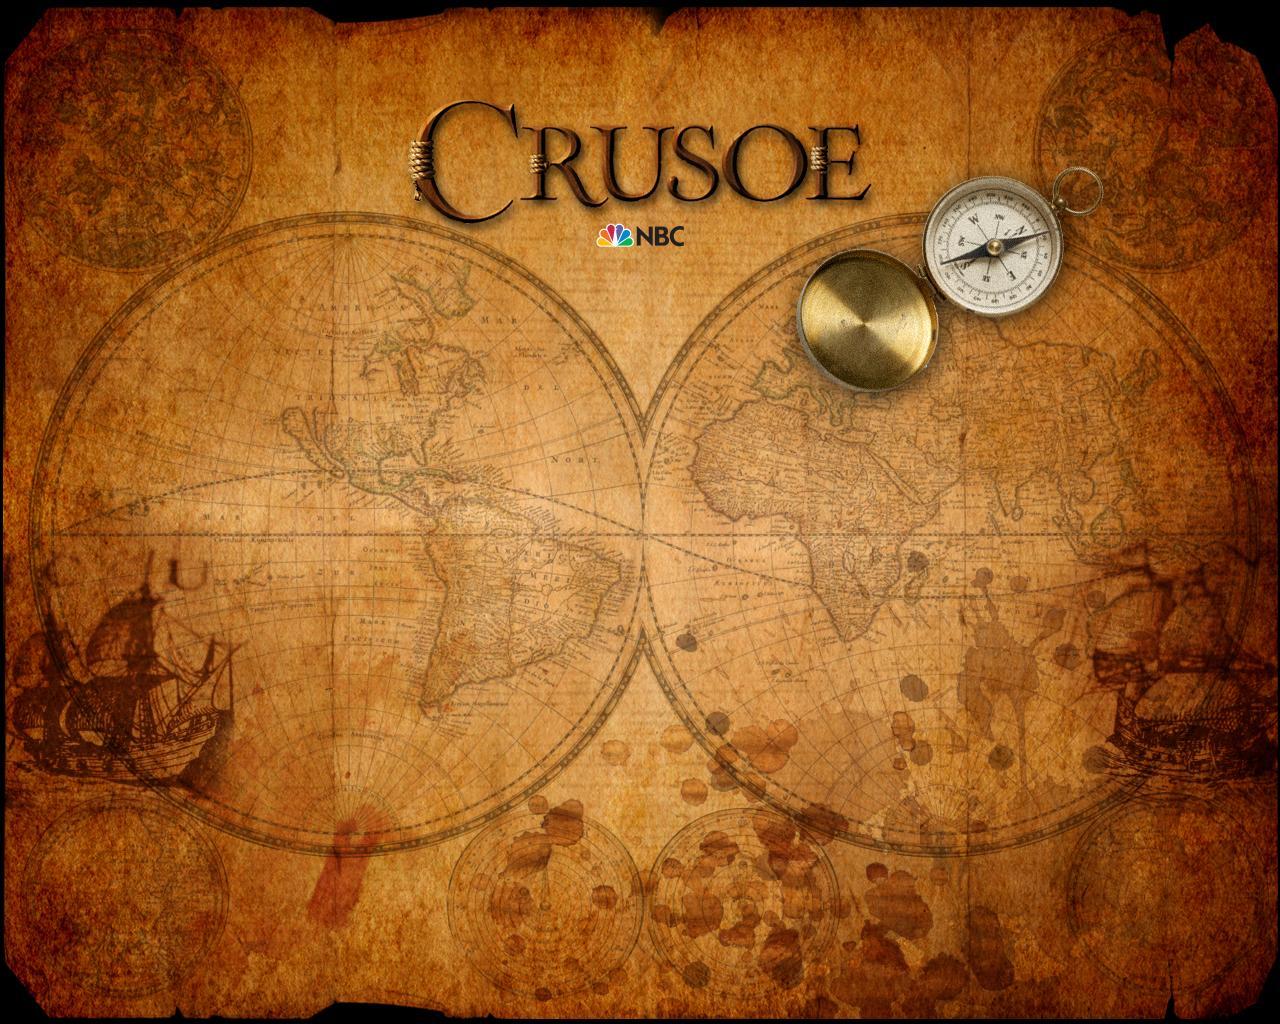 Фото Crusoe кино География Фильмы